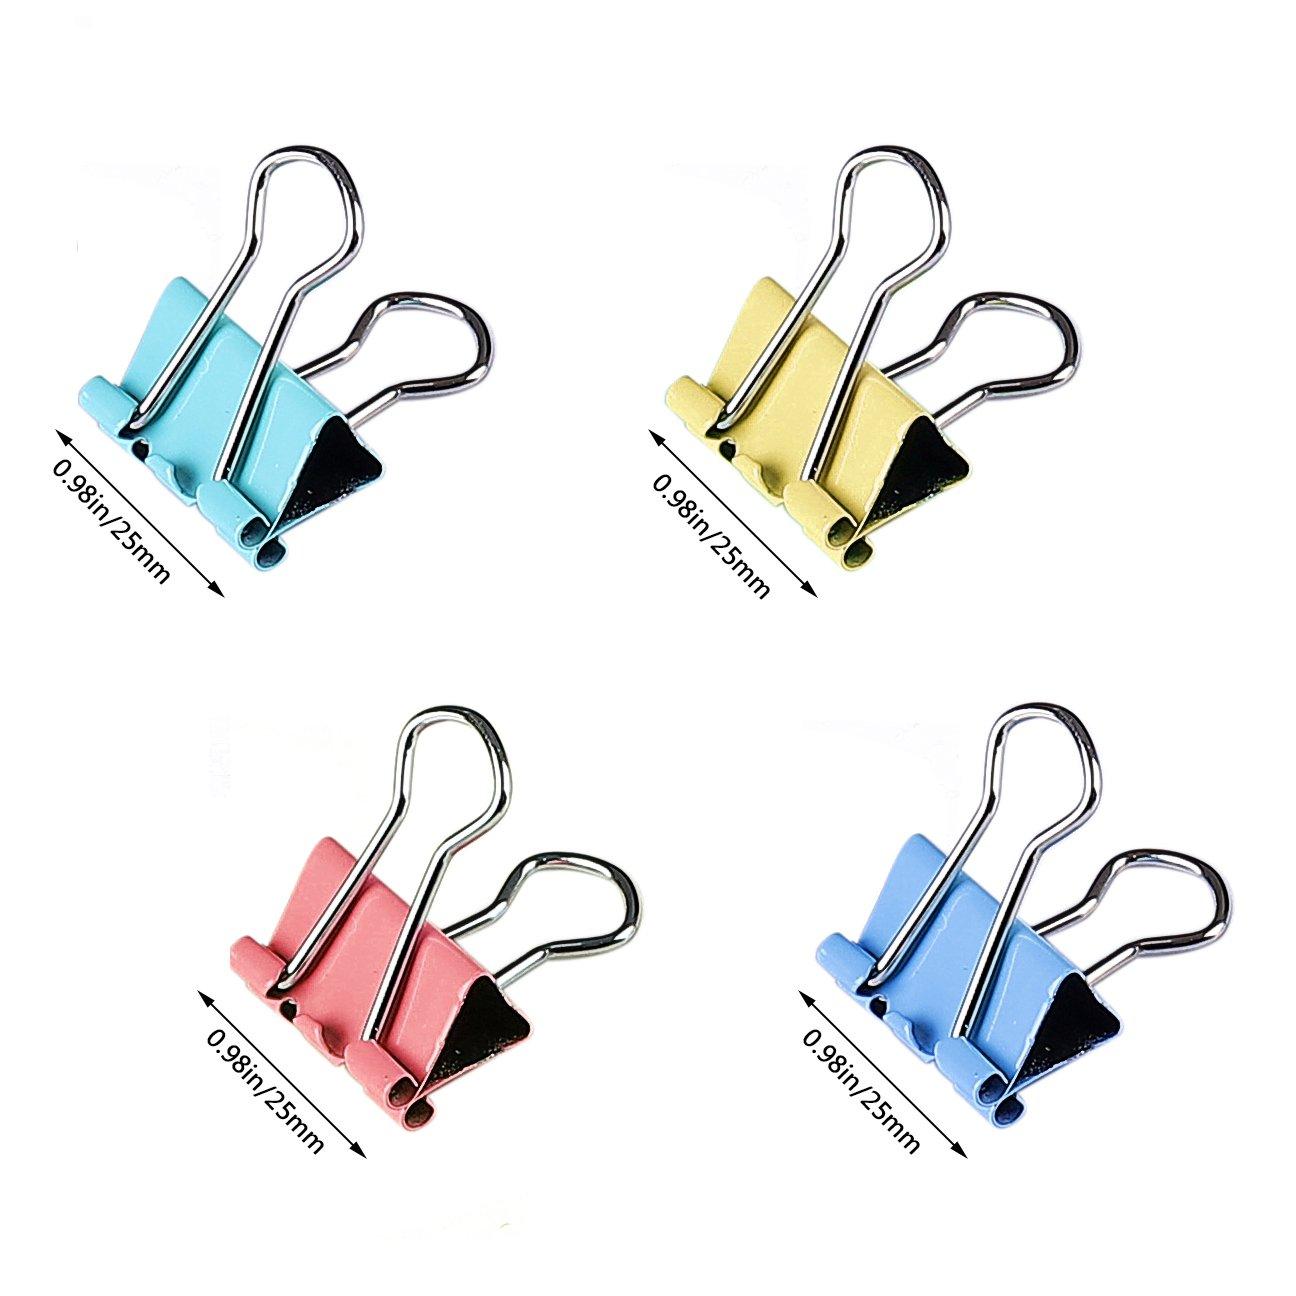 Pinces Papier M/étal Pinces Pour Reliure Color/é Clip Dovetail Pinces double clip Pinces /à Dessin pour la Fermeture de Sacs en Plastique Bureau Organiser S/écuriser des Documents 25mm 48 ensembles